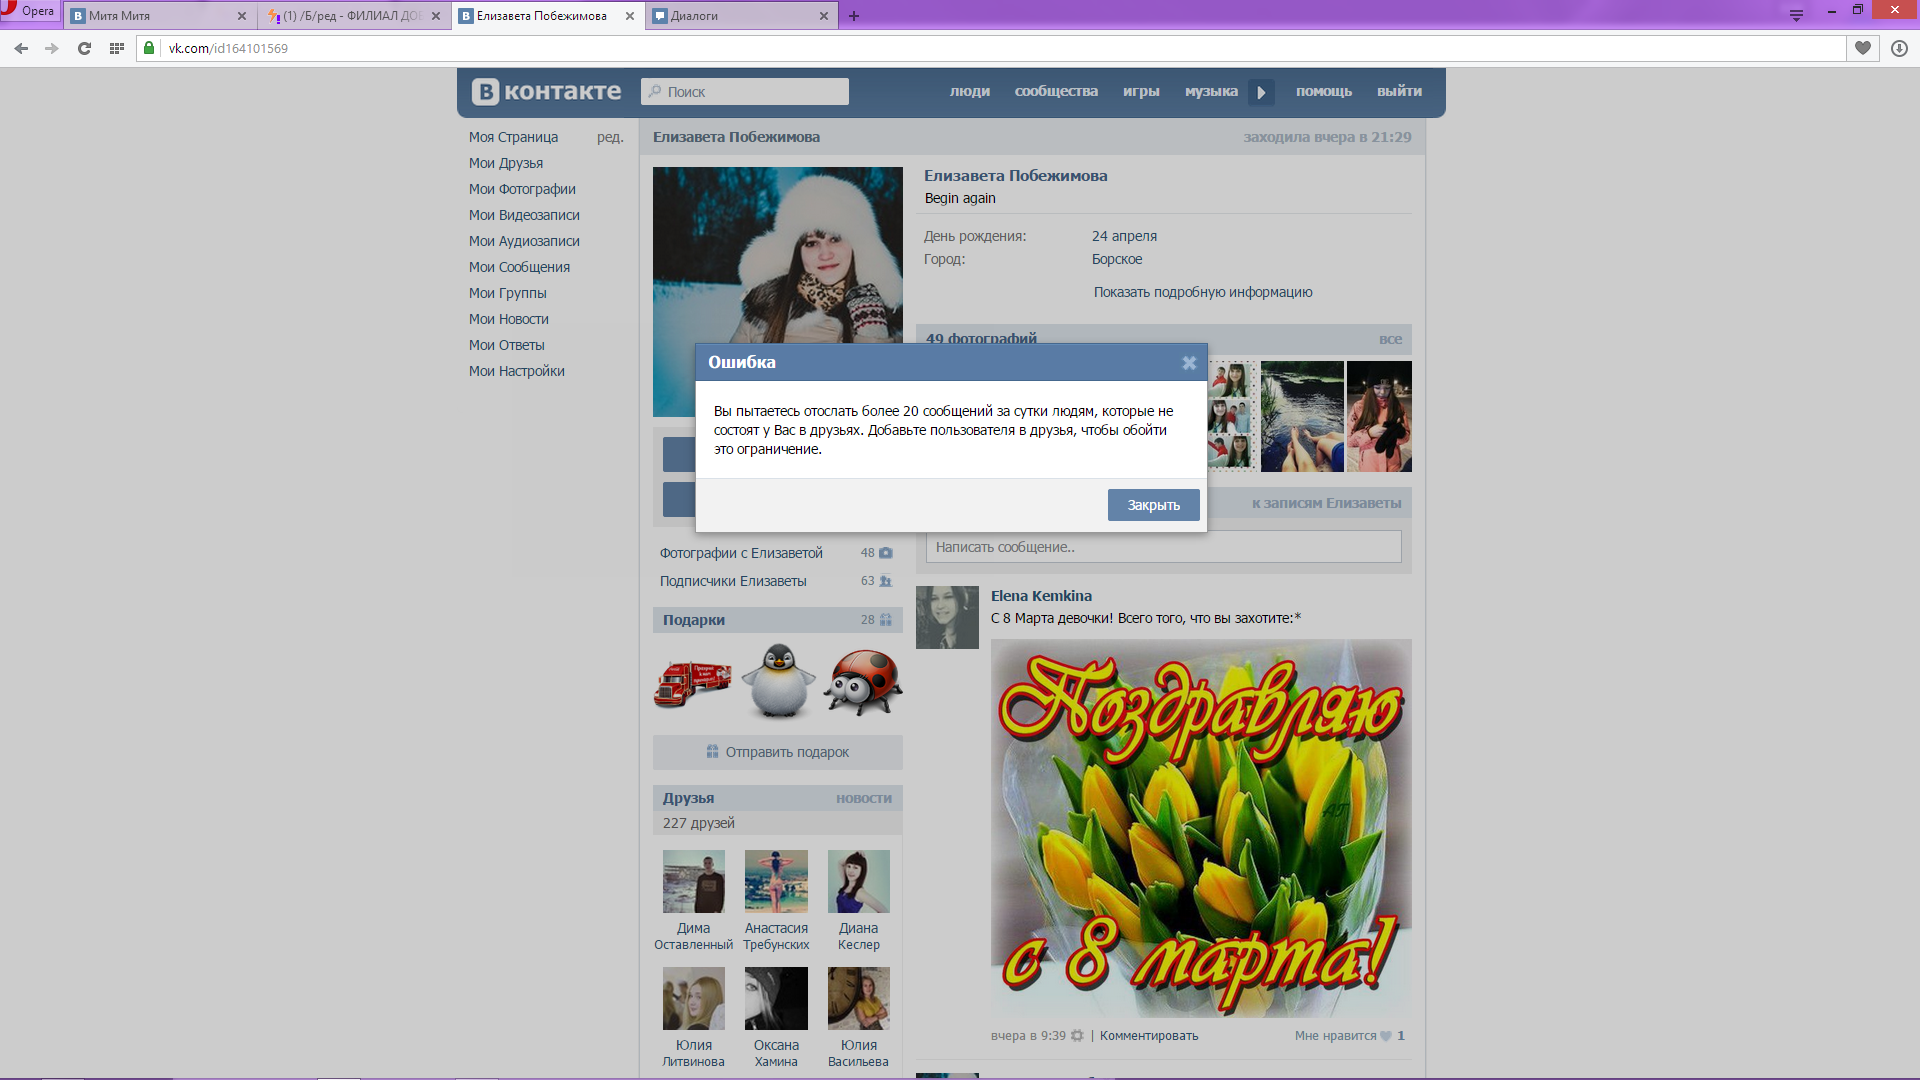 Как посмотреть отправленные подарки ВКонтакте? 84